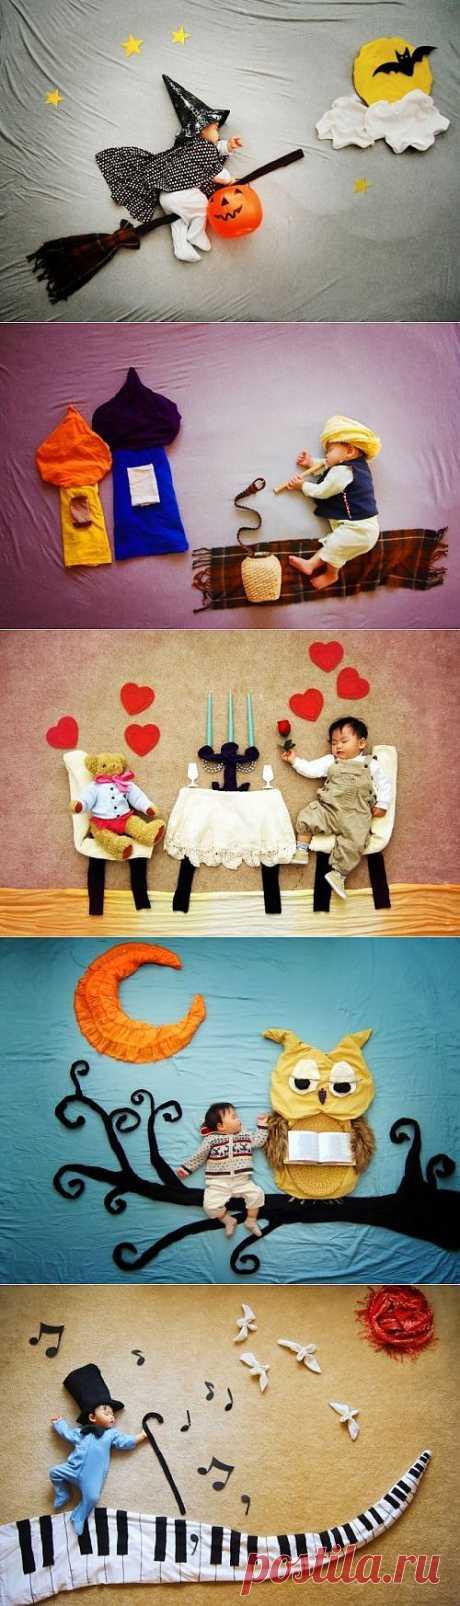 Очаровательная серия фотографий со спящим младенцем / Малютка